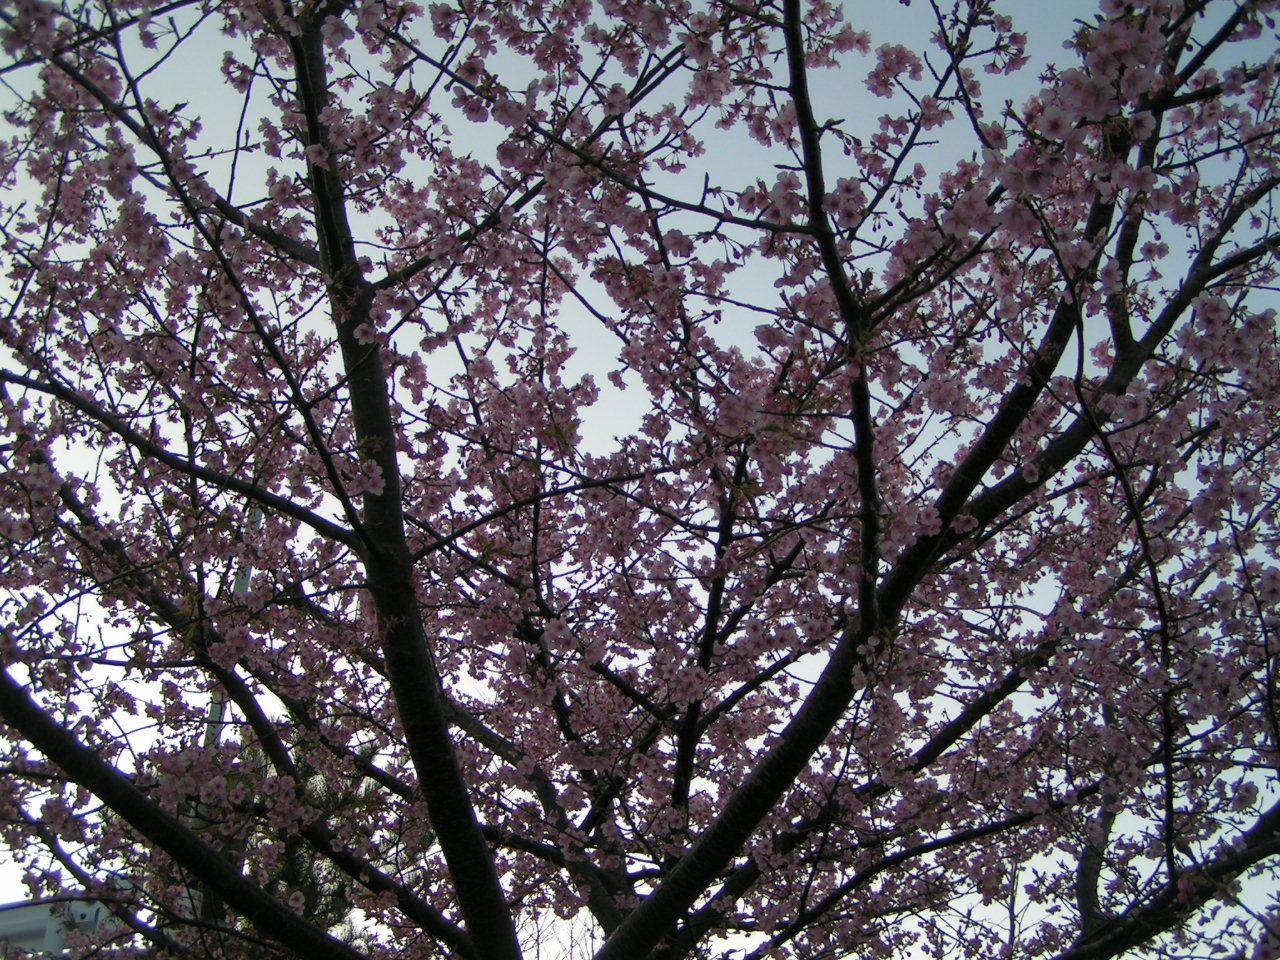 伊豆半島有数の桜の名所「伊豆高原桜並木」と伊東市周辺の桜のお勧めスポット!